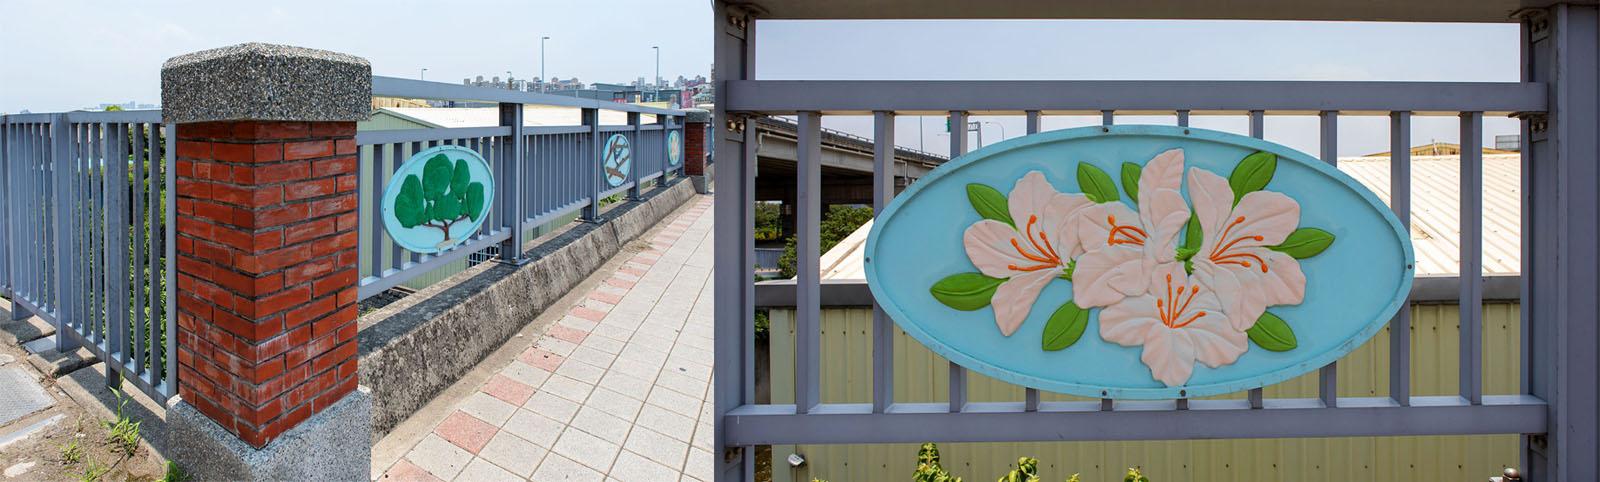 舊社橋的橋護欄設計上,融合新竹市政府的紅磚、市樹松柏、市花杜鵑、市鳥喜鵲等,讓市民倍覺親切